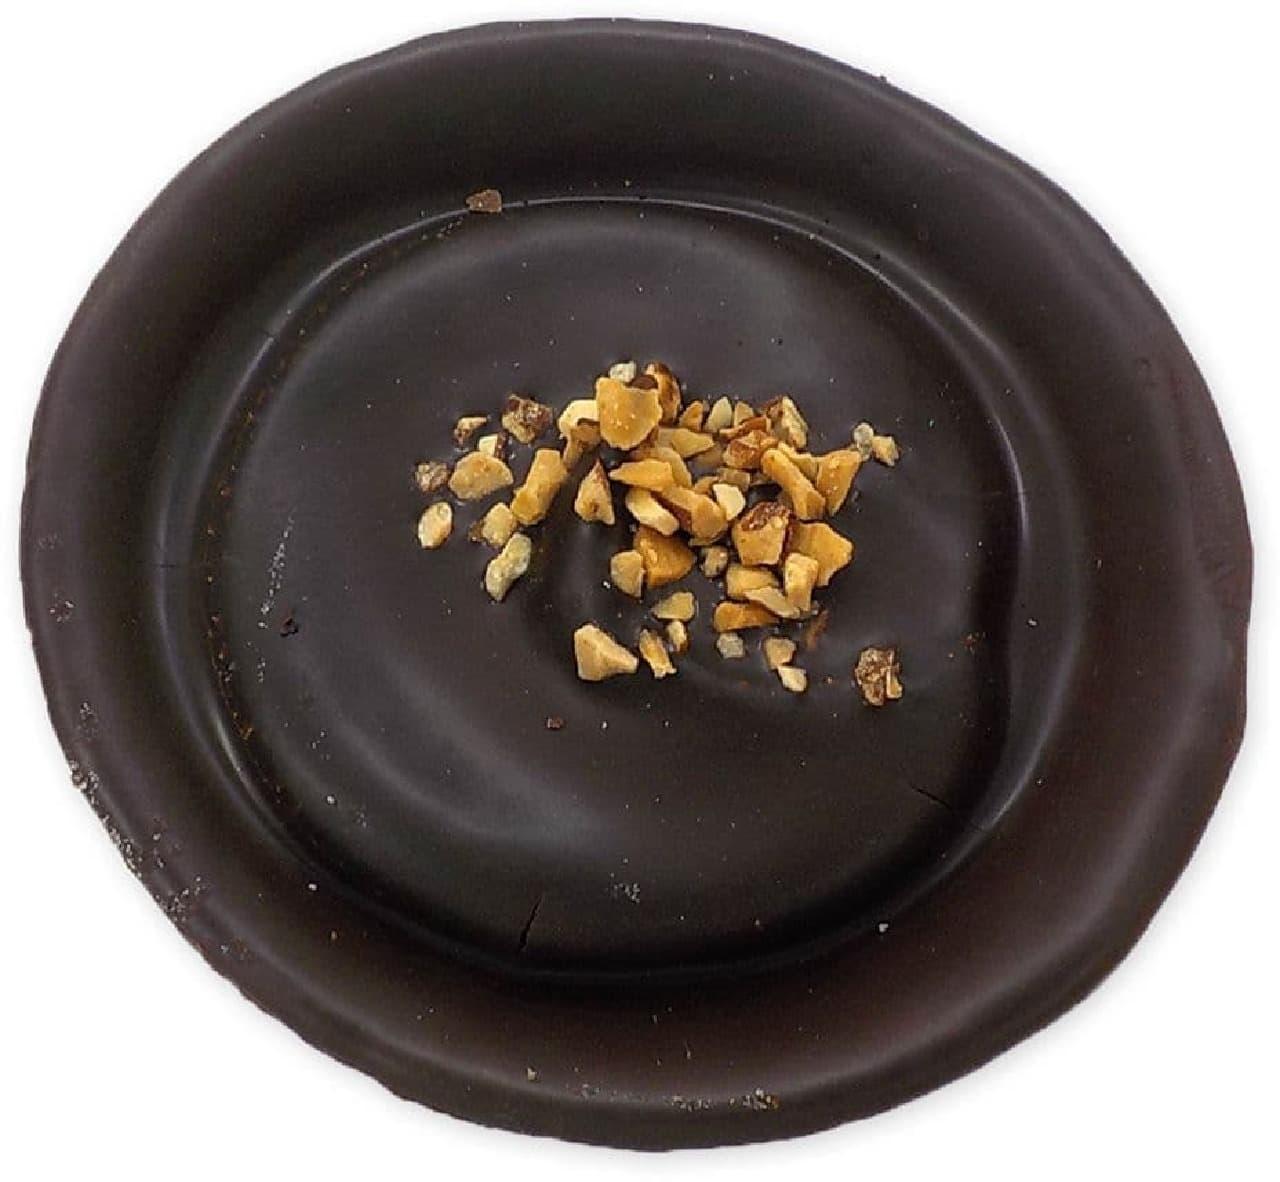 セブン-イレブン「アーモンドチョコタルト」